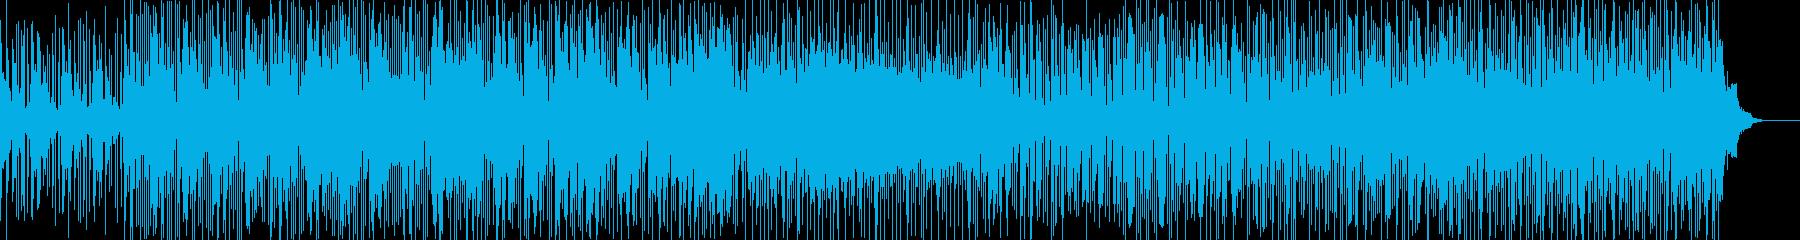 電気楽器。風変わりで夢のようなサウ...の再生済みの波形